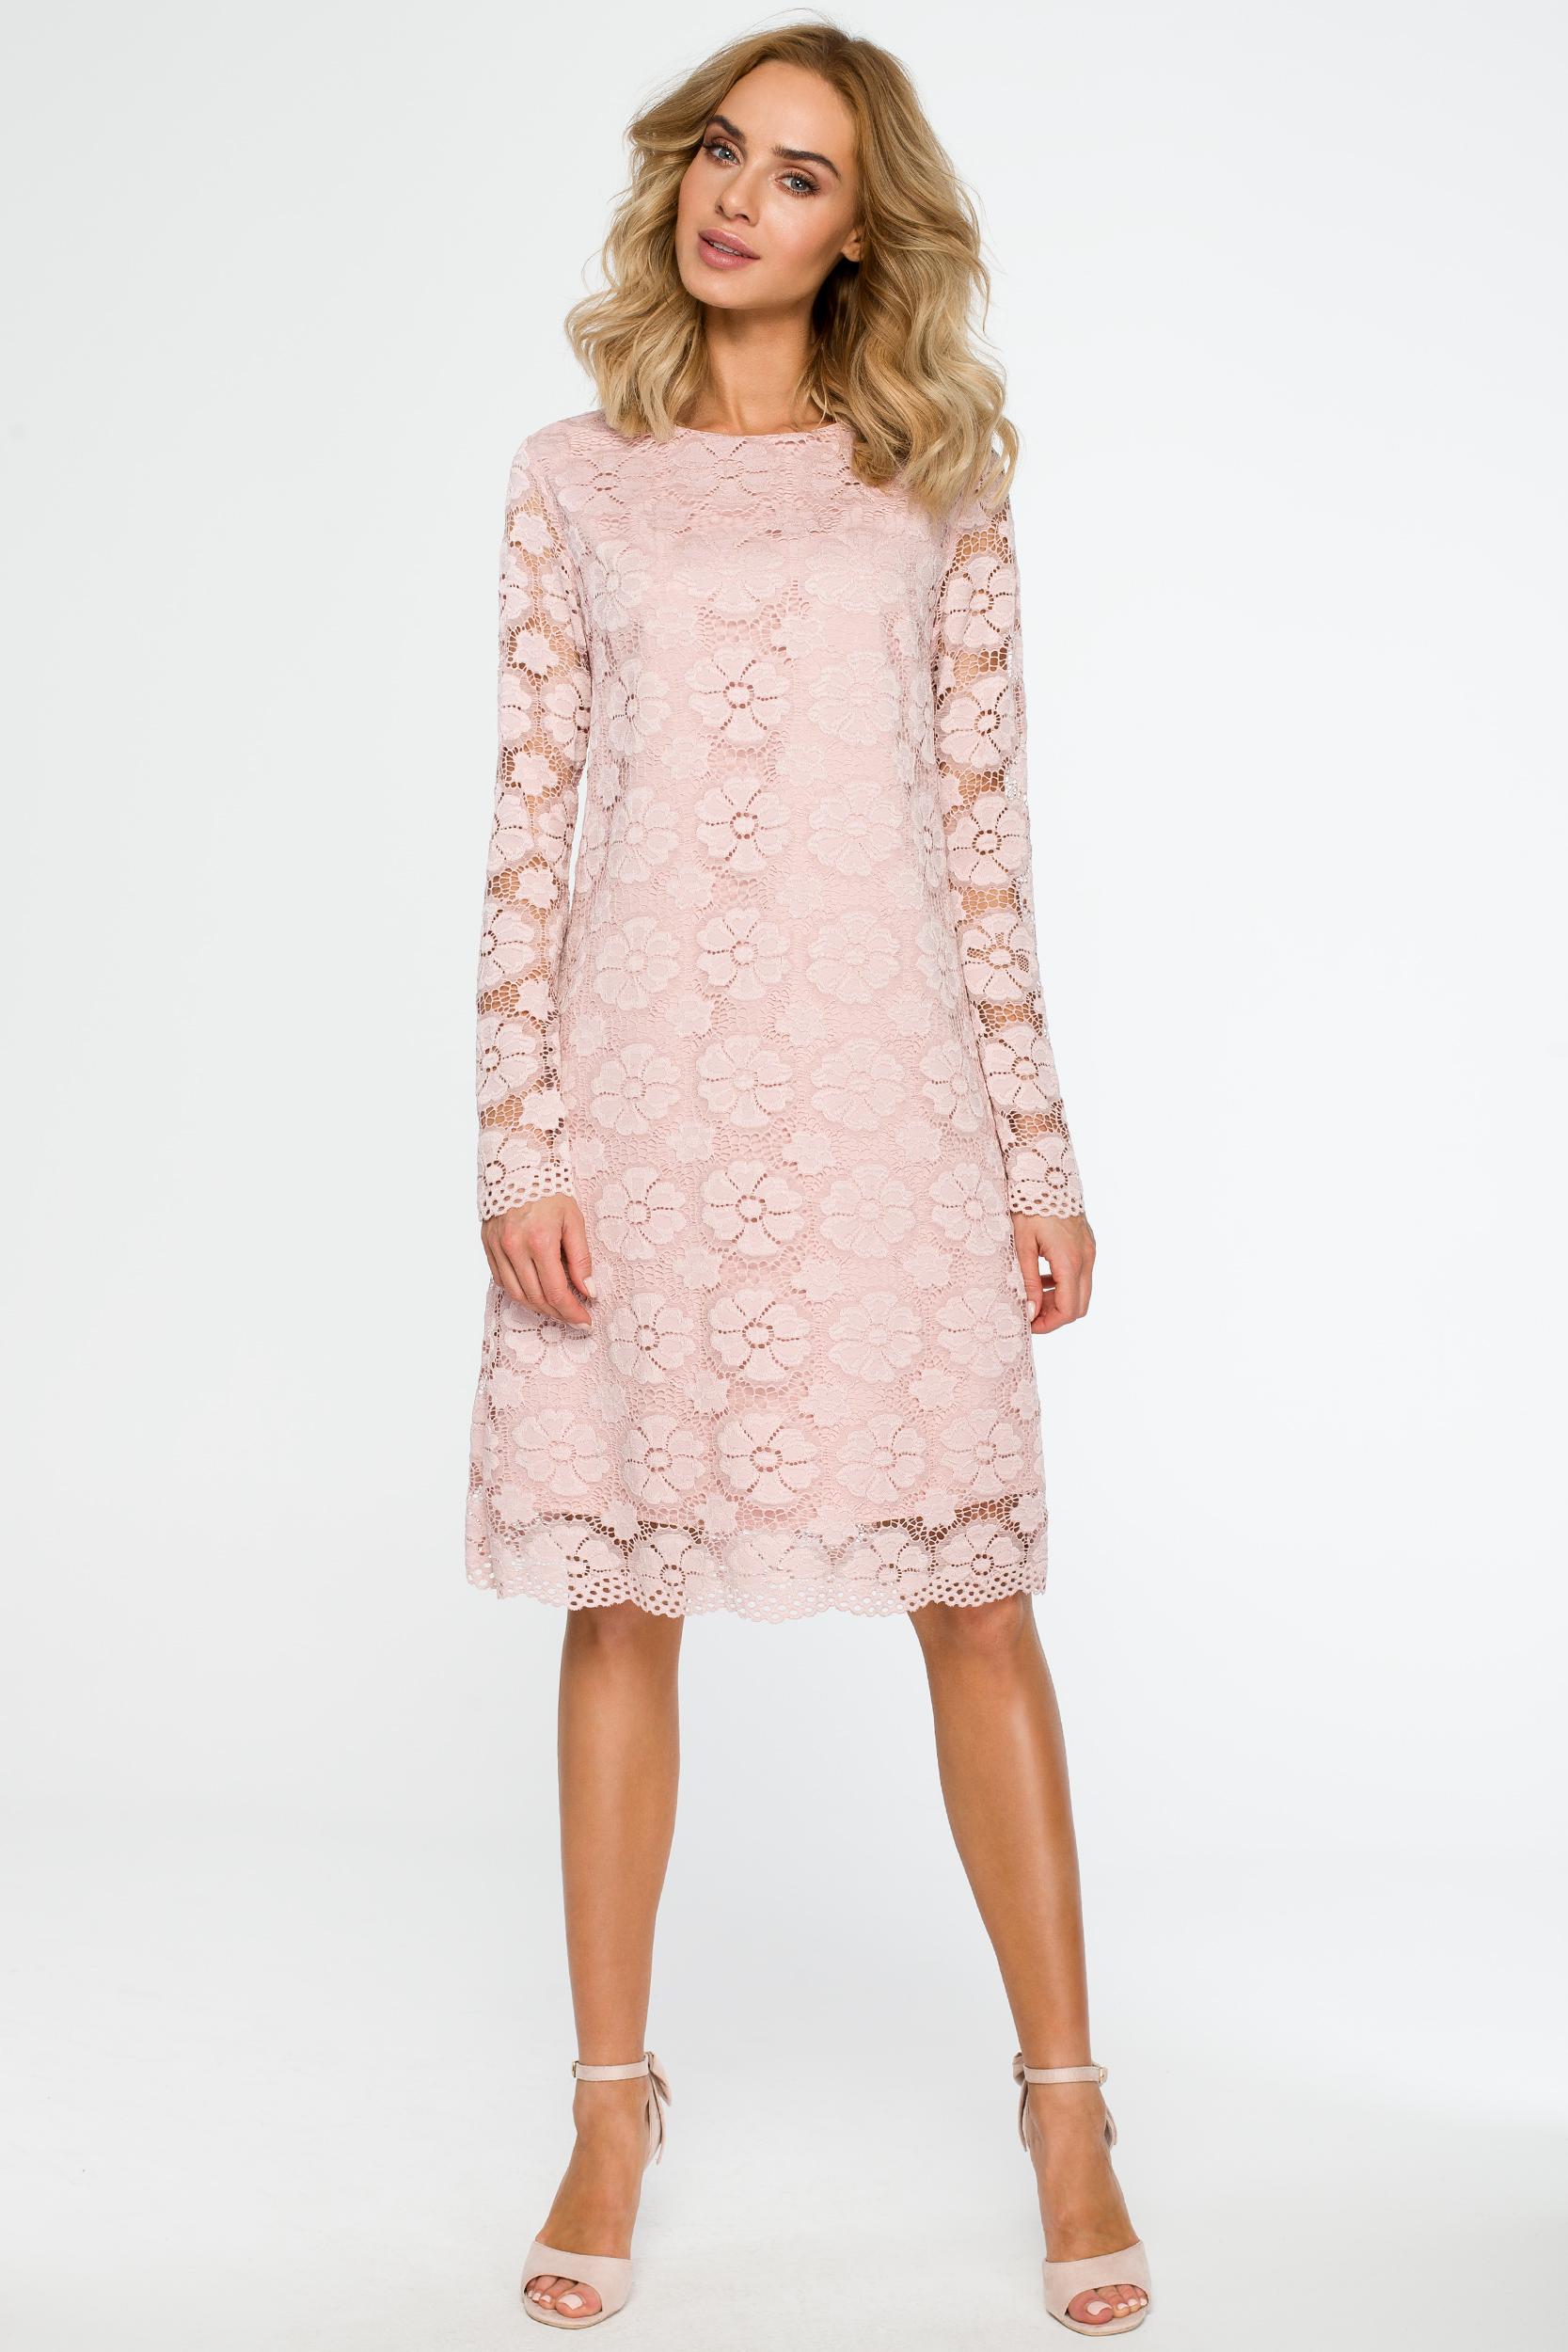 367bb725beccae Trapezowa sukienka z koronki przed kolano - wysyłka już od 5,99 zł